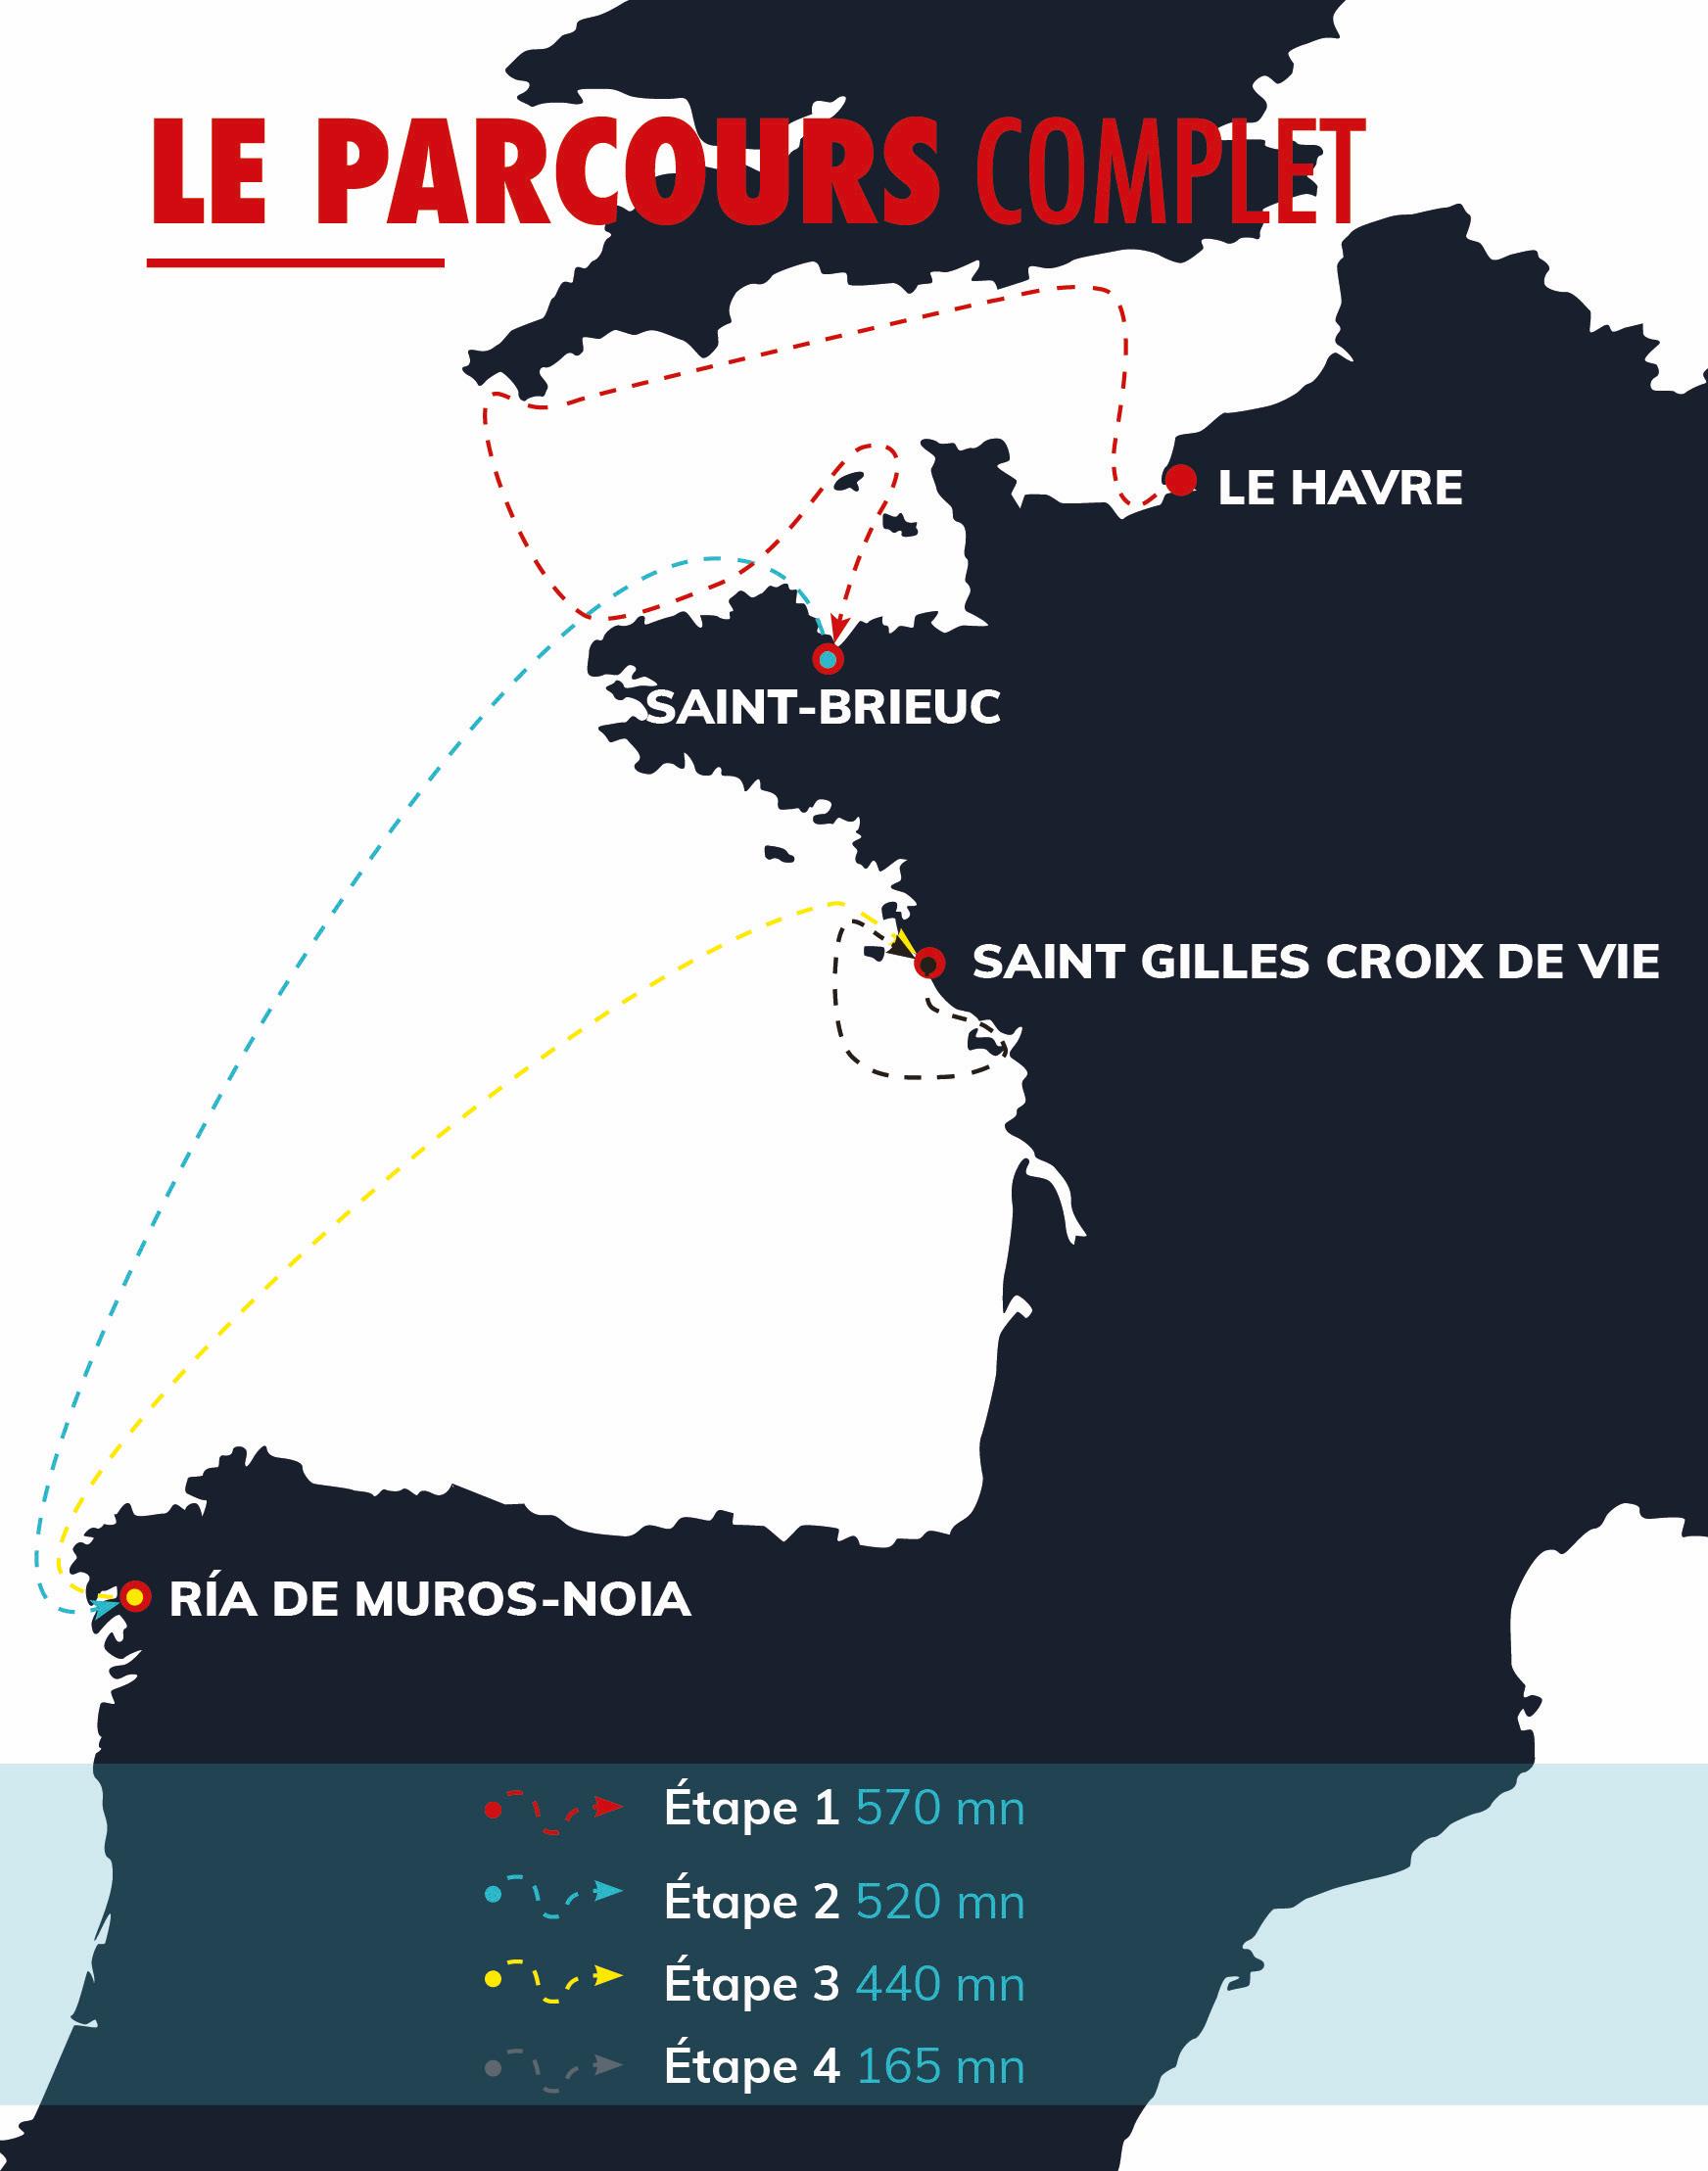 Parcours globale de La Solitaire URGO Le Figaro 2018